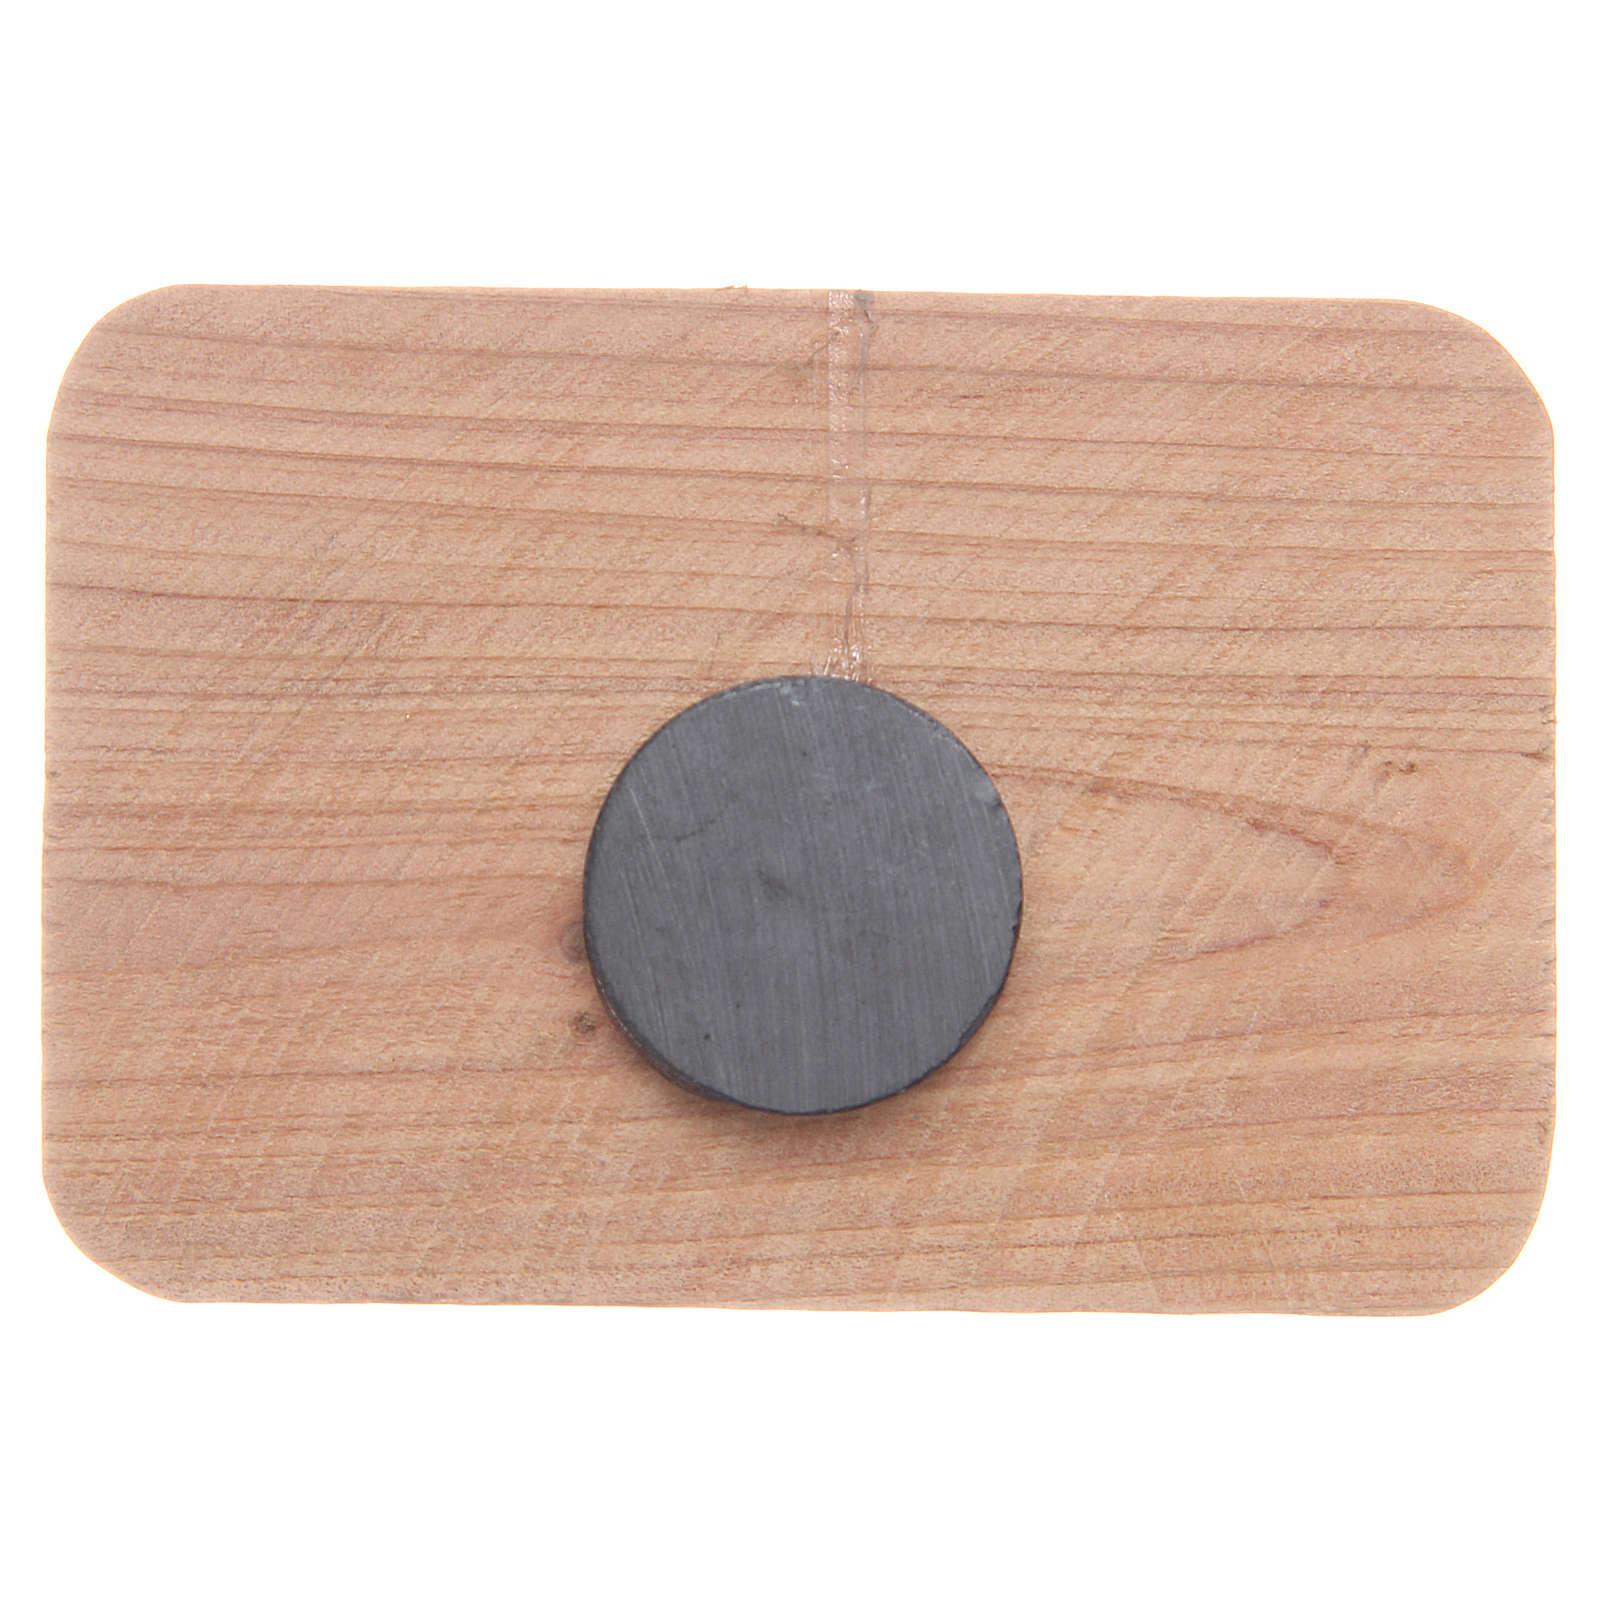 Aimant en bois olivier Medjugorje 7x5 cm 4